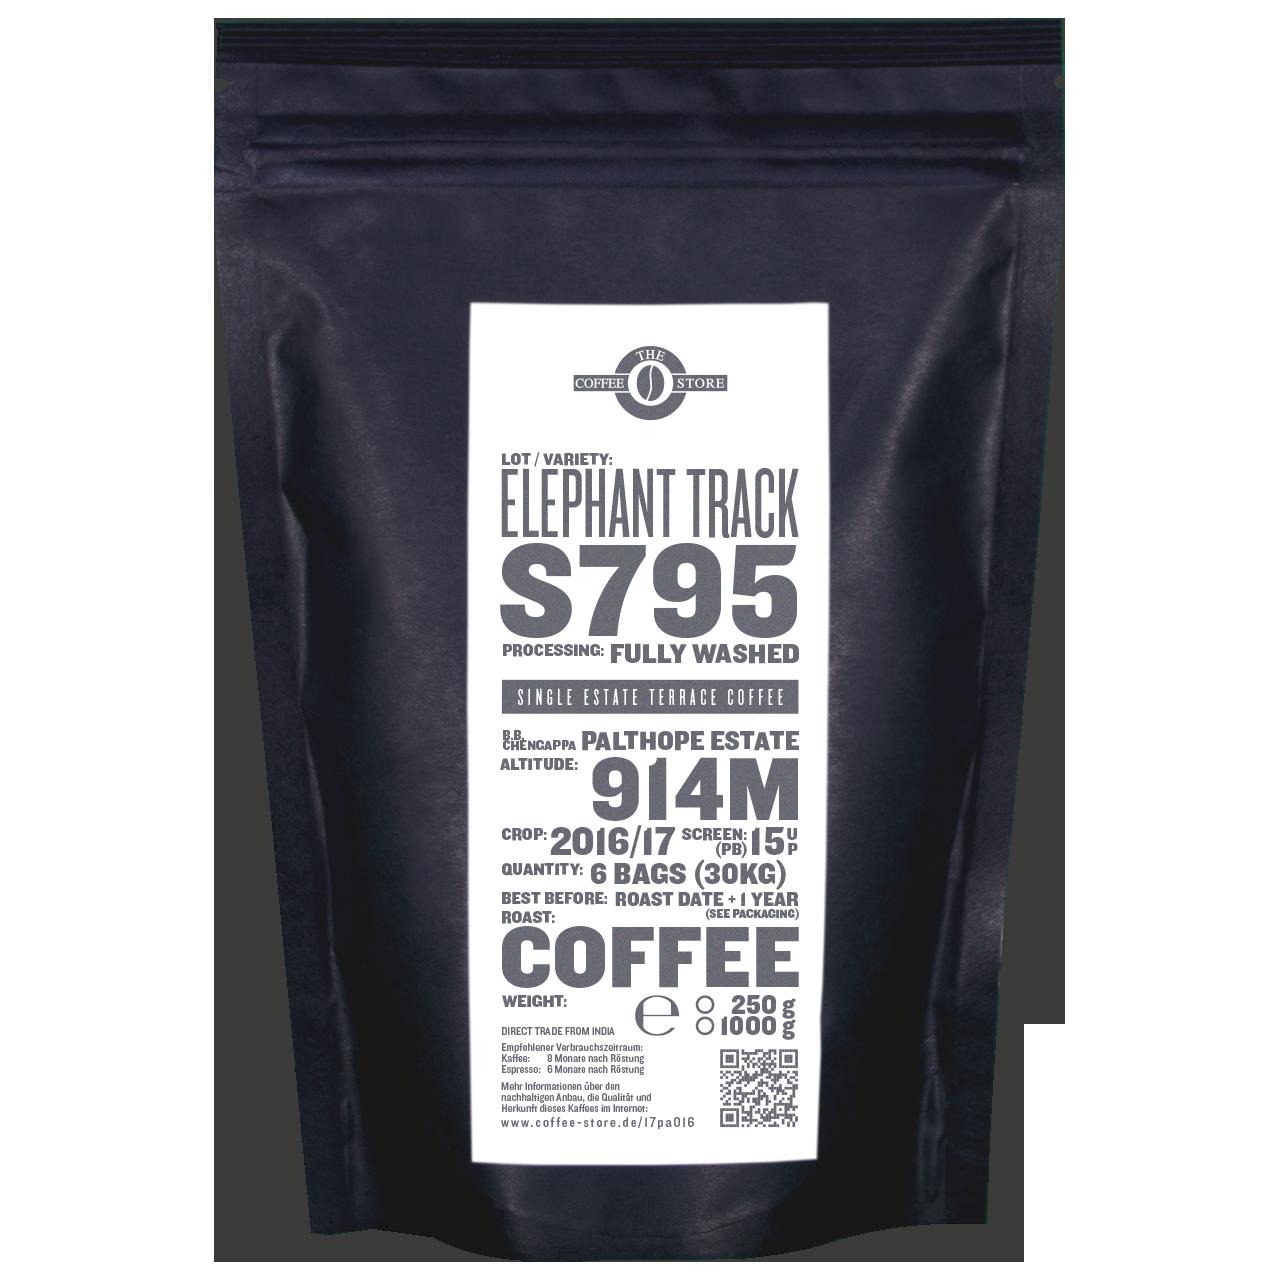 Elephant Track, S795 - Kaffeeröstung